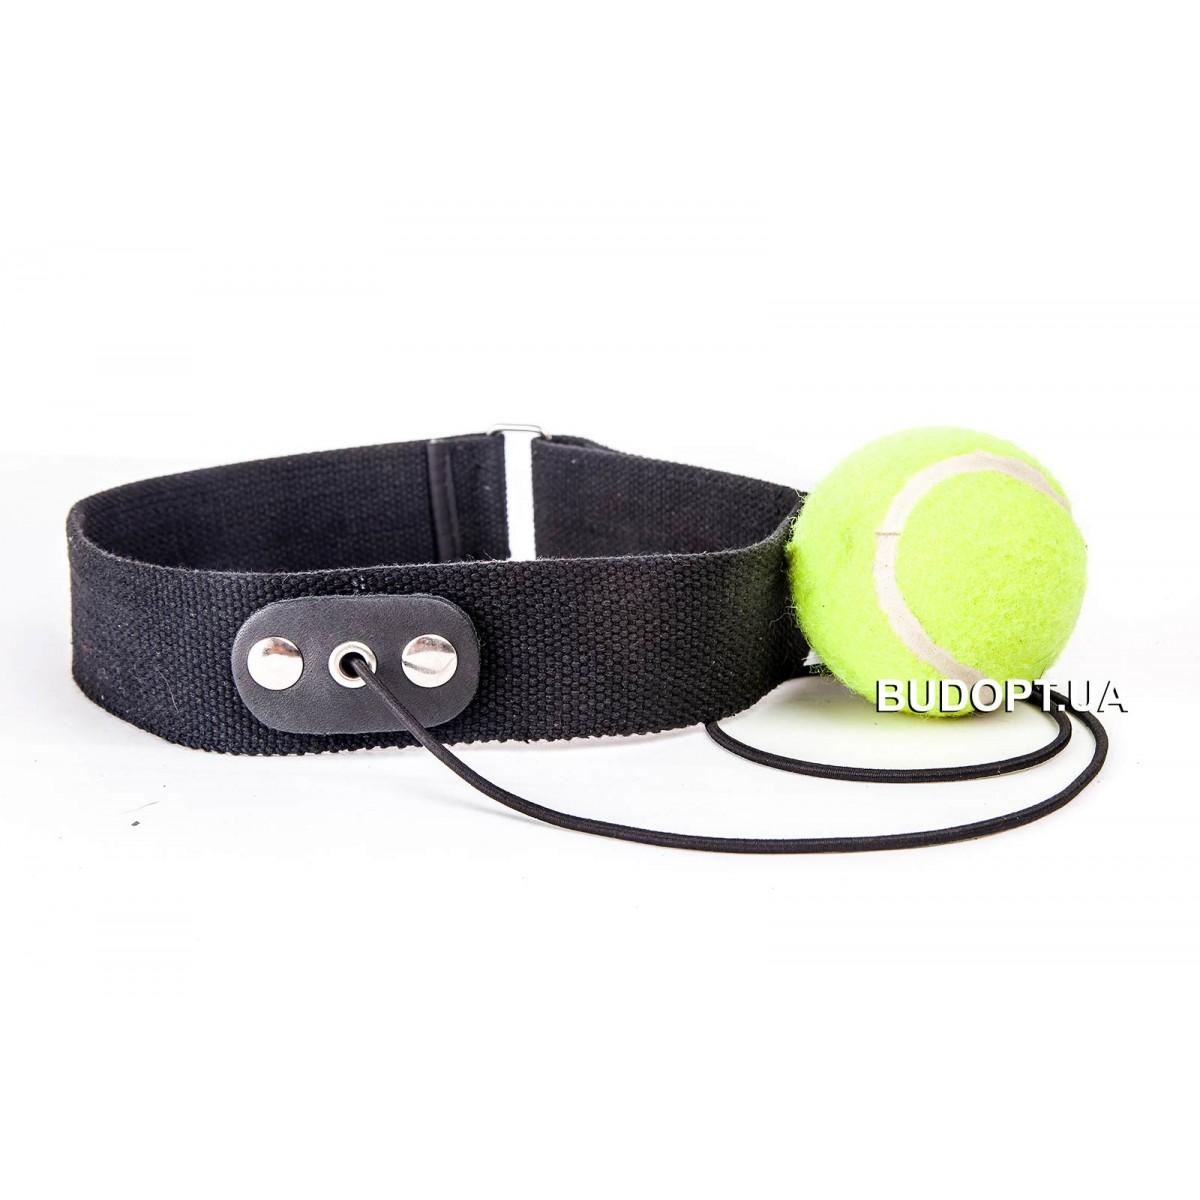 Теннисный мяч в боксе мяч на резинке видео 16